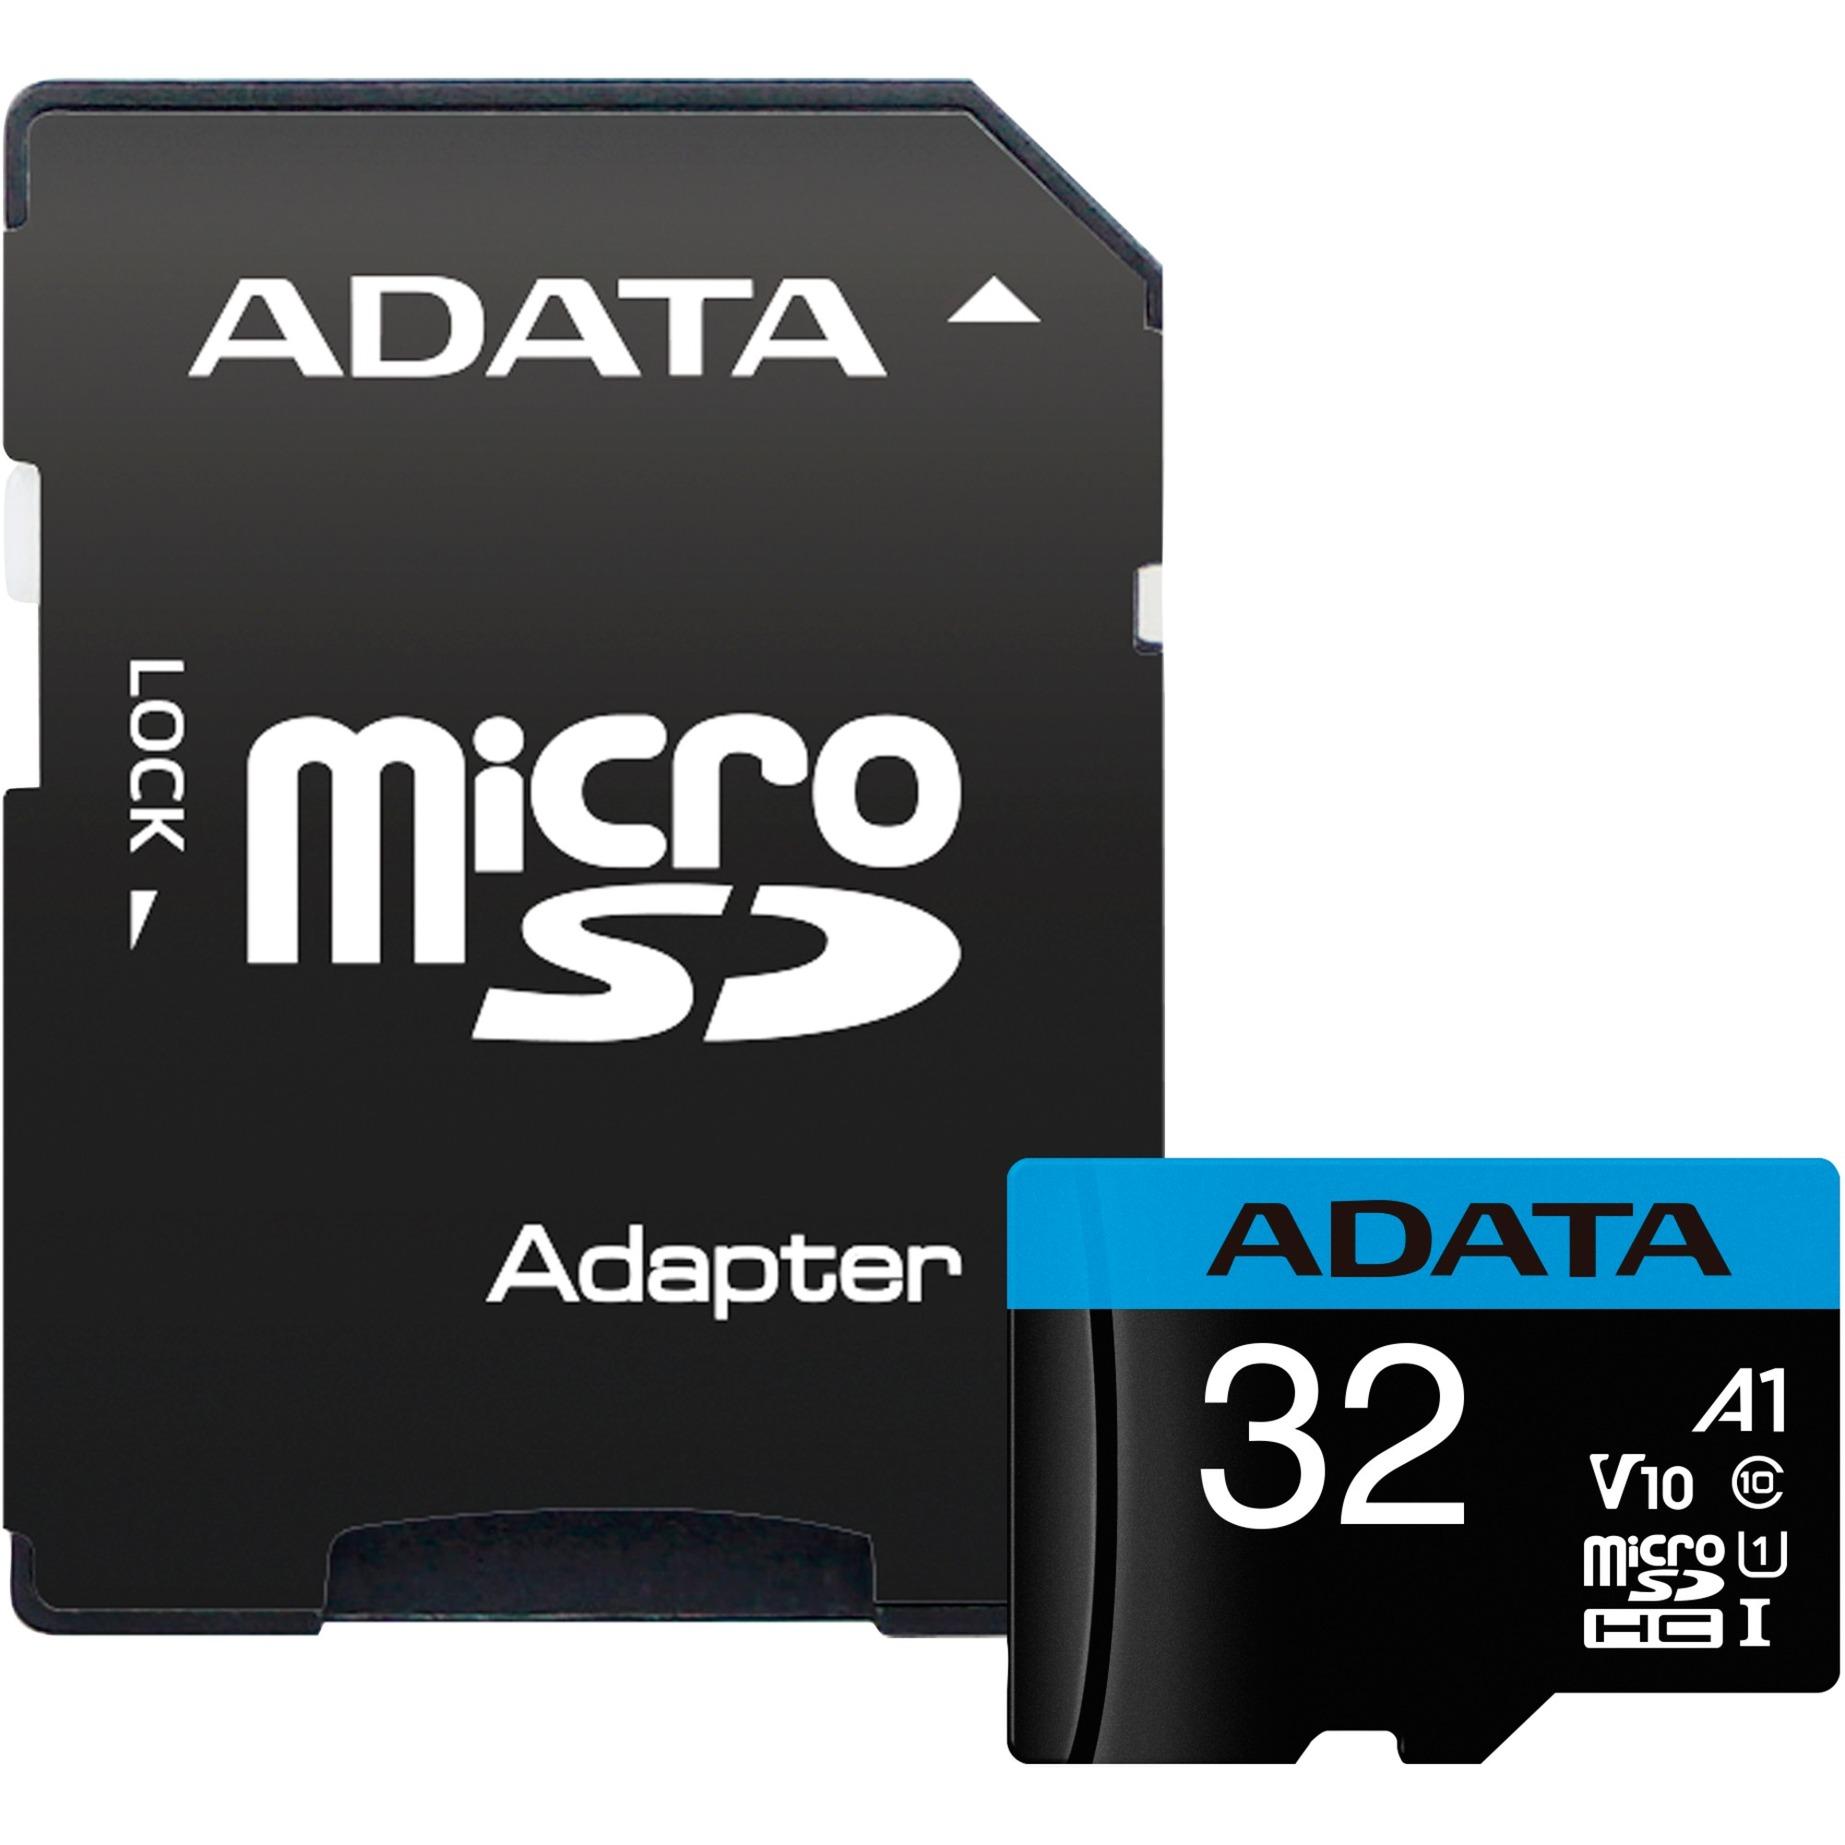 32GB, microSDHC, Class 10 memoria flash Clase 10 UHS-I, Tarjeta de memoria